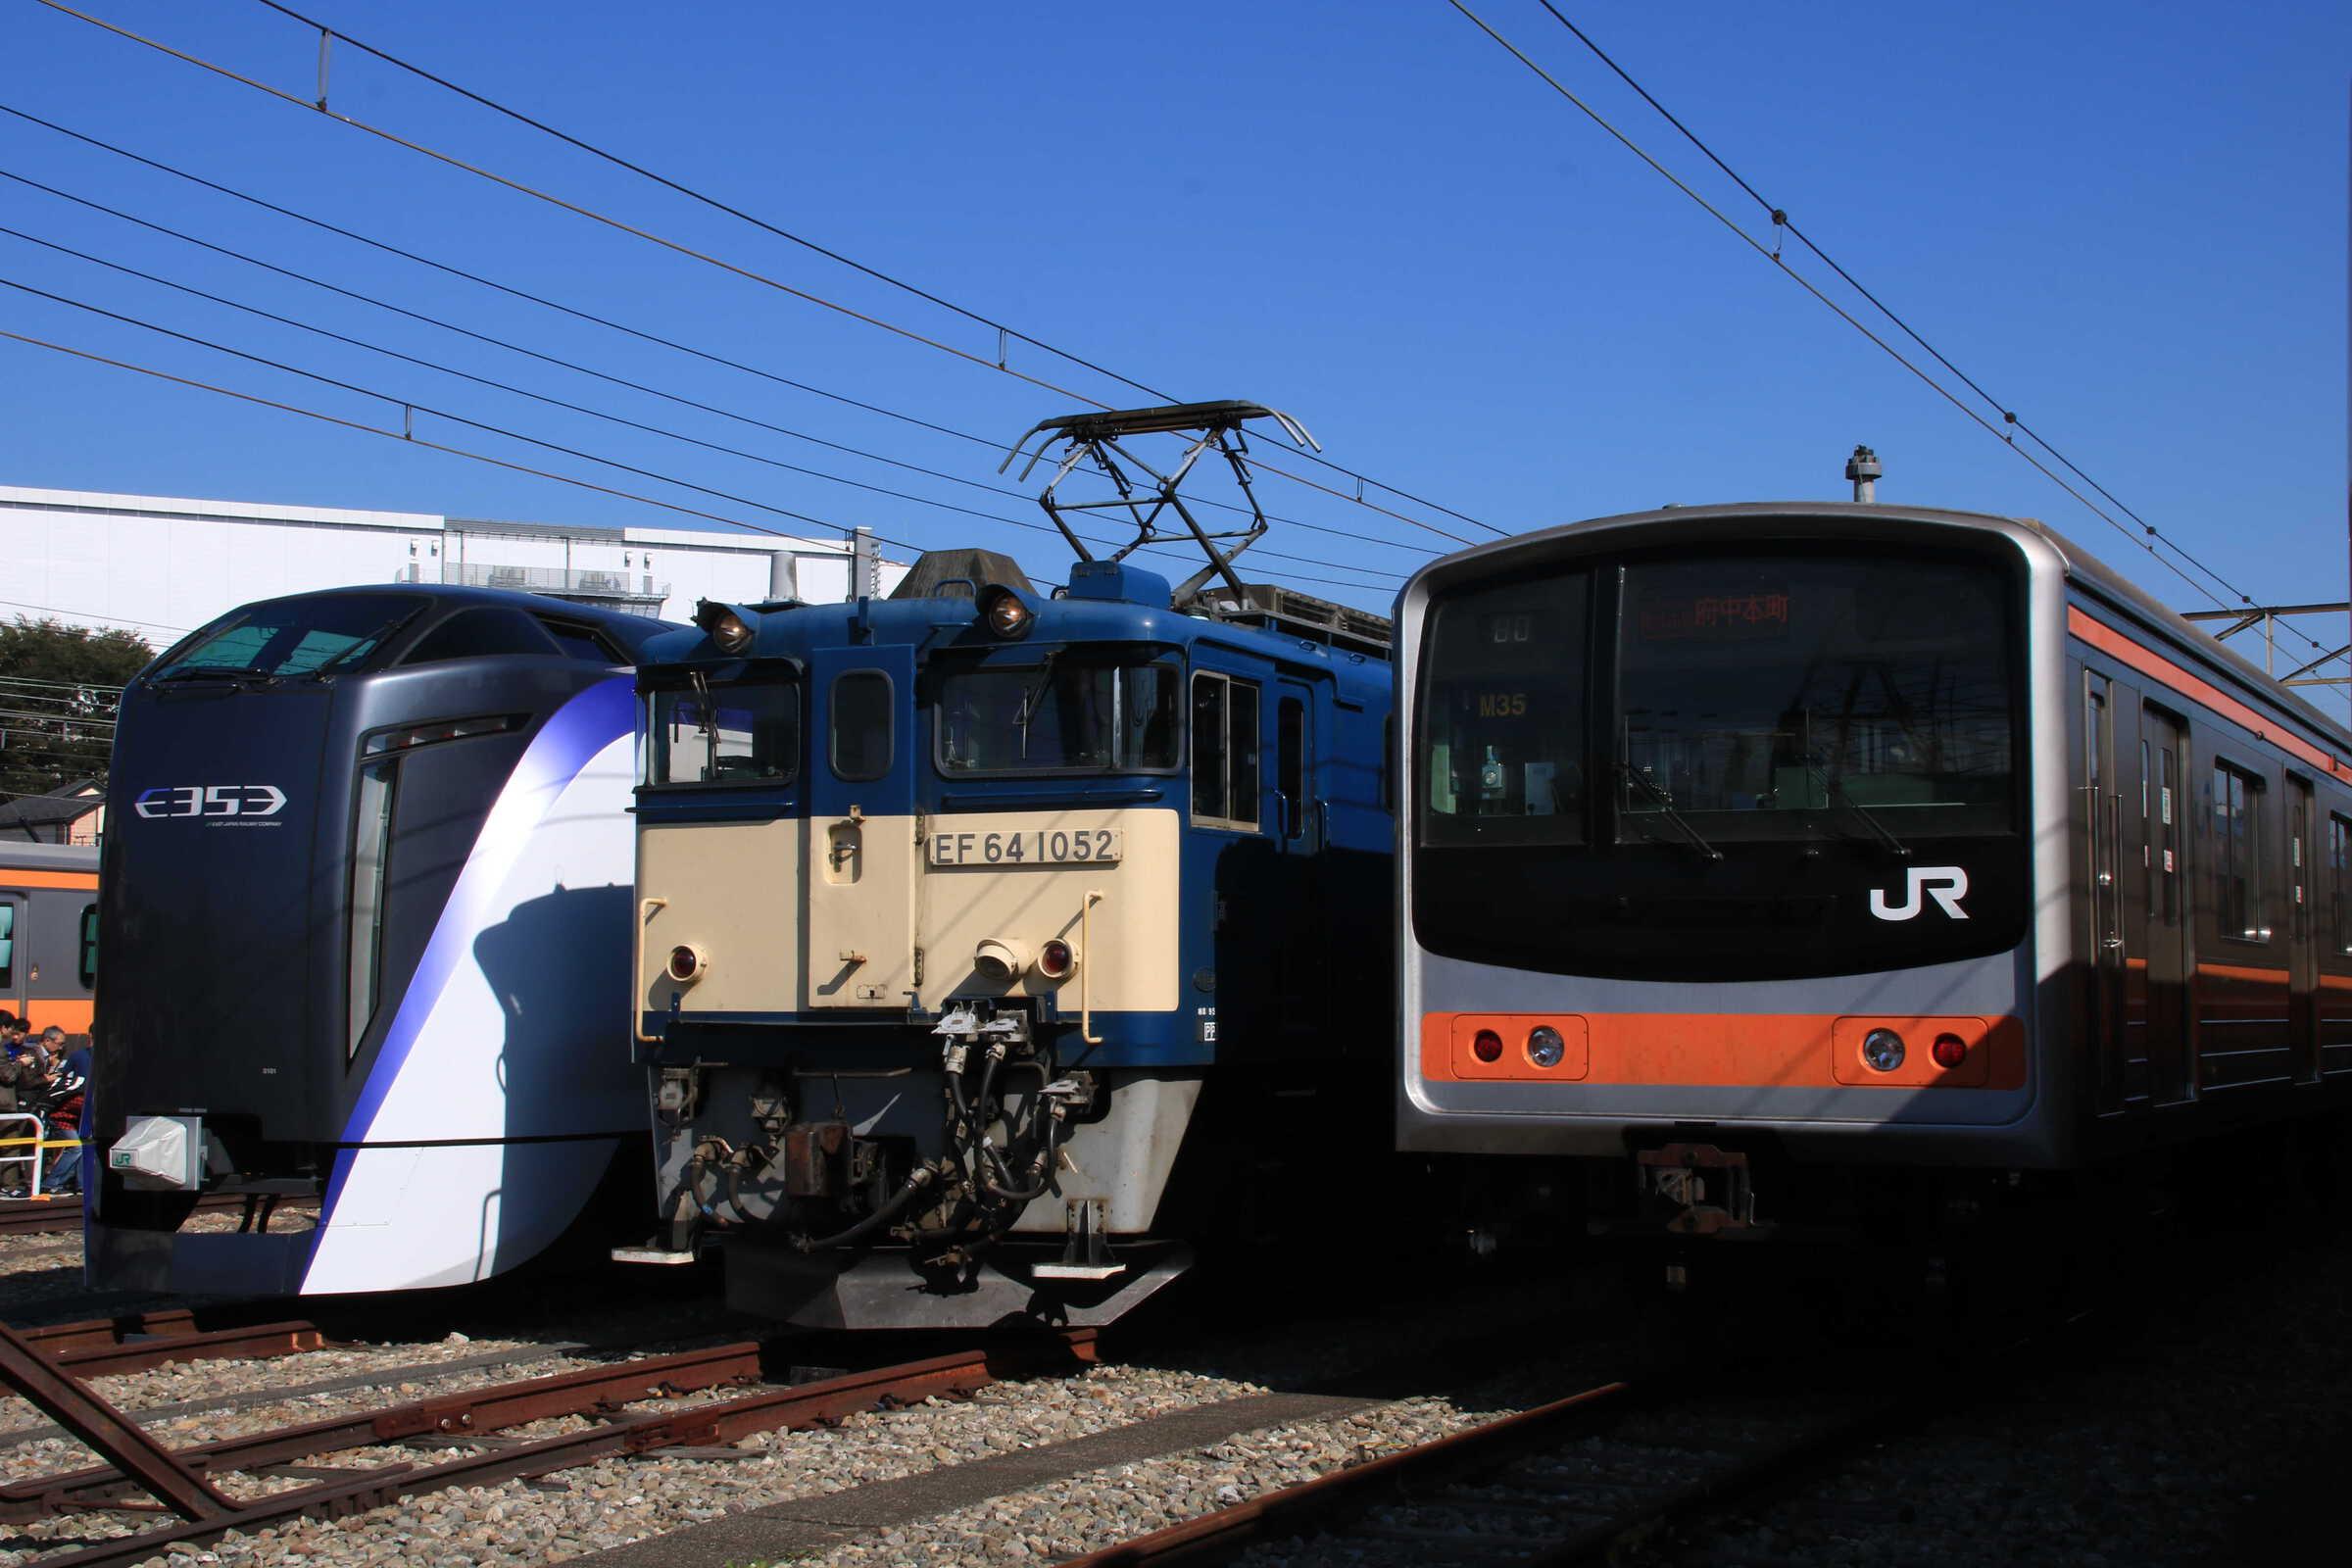 武蔵野線205系,EF64,E353系